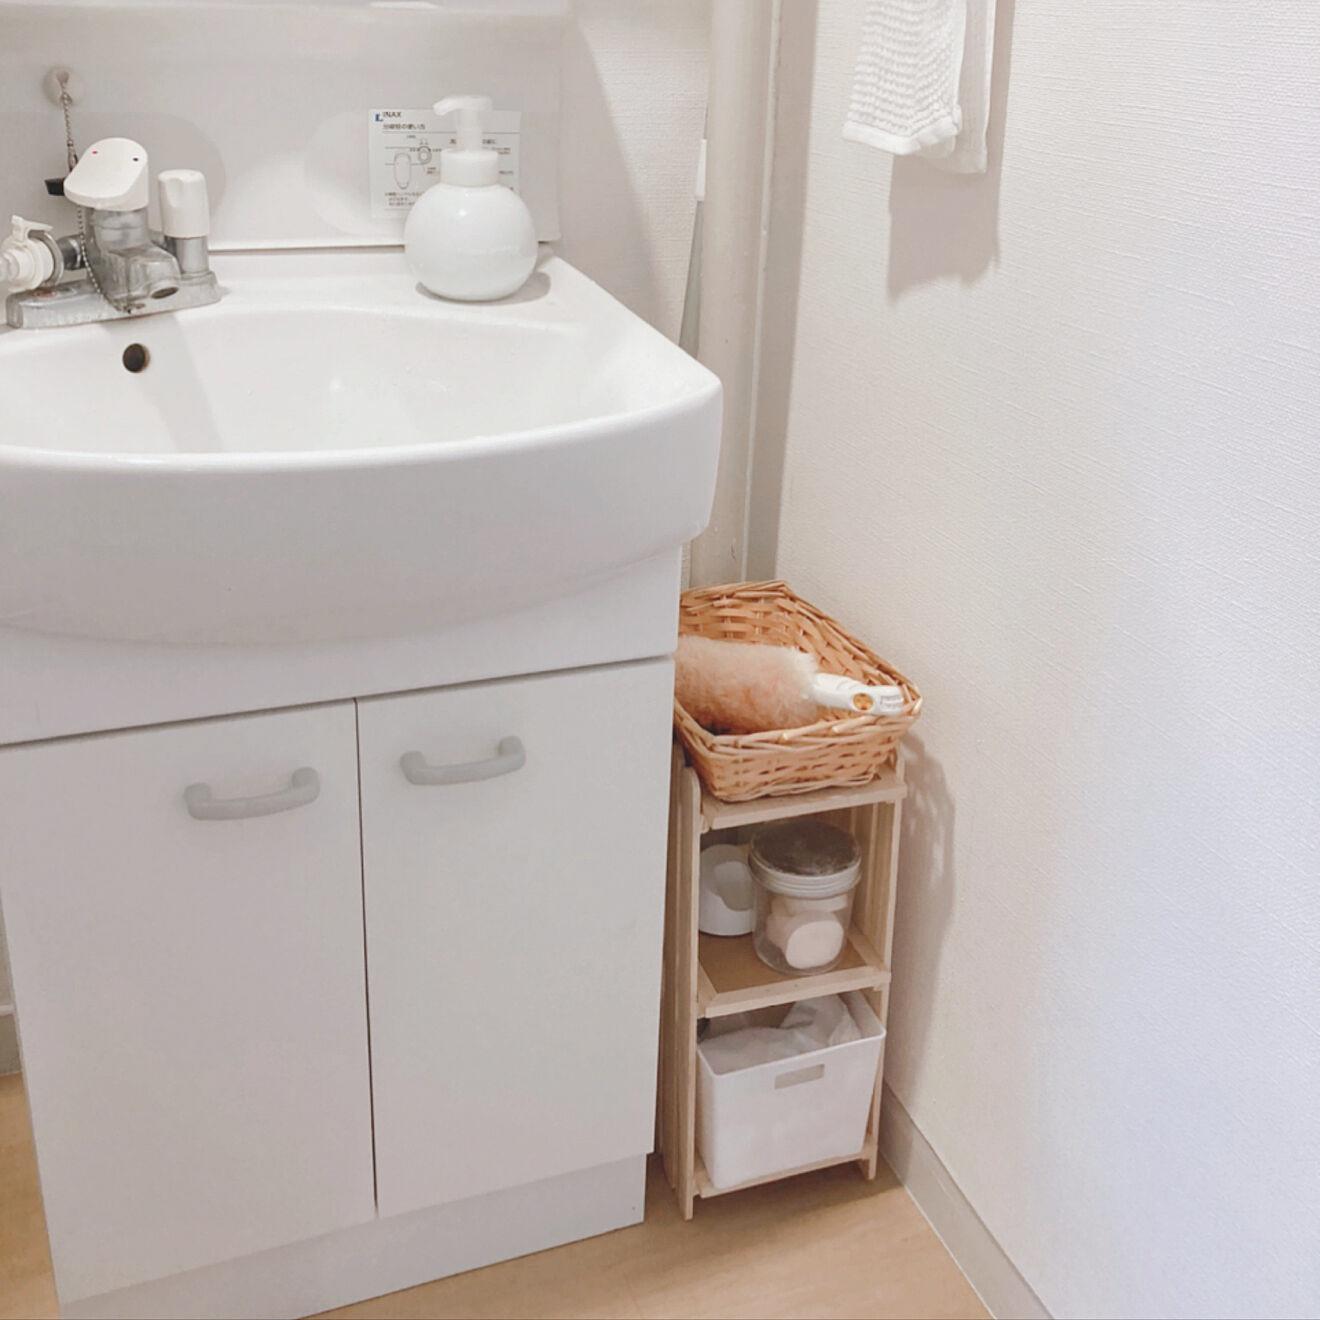 洗濯機の上のスペースには専用ラック、洗面台の横には100円ショップのすのこでDIYした小さな収納棚を置いて有効活用されています。